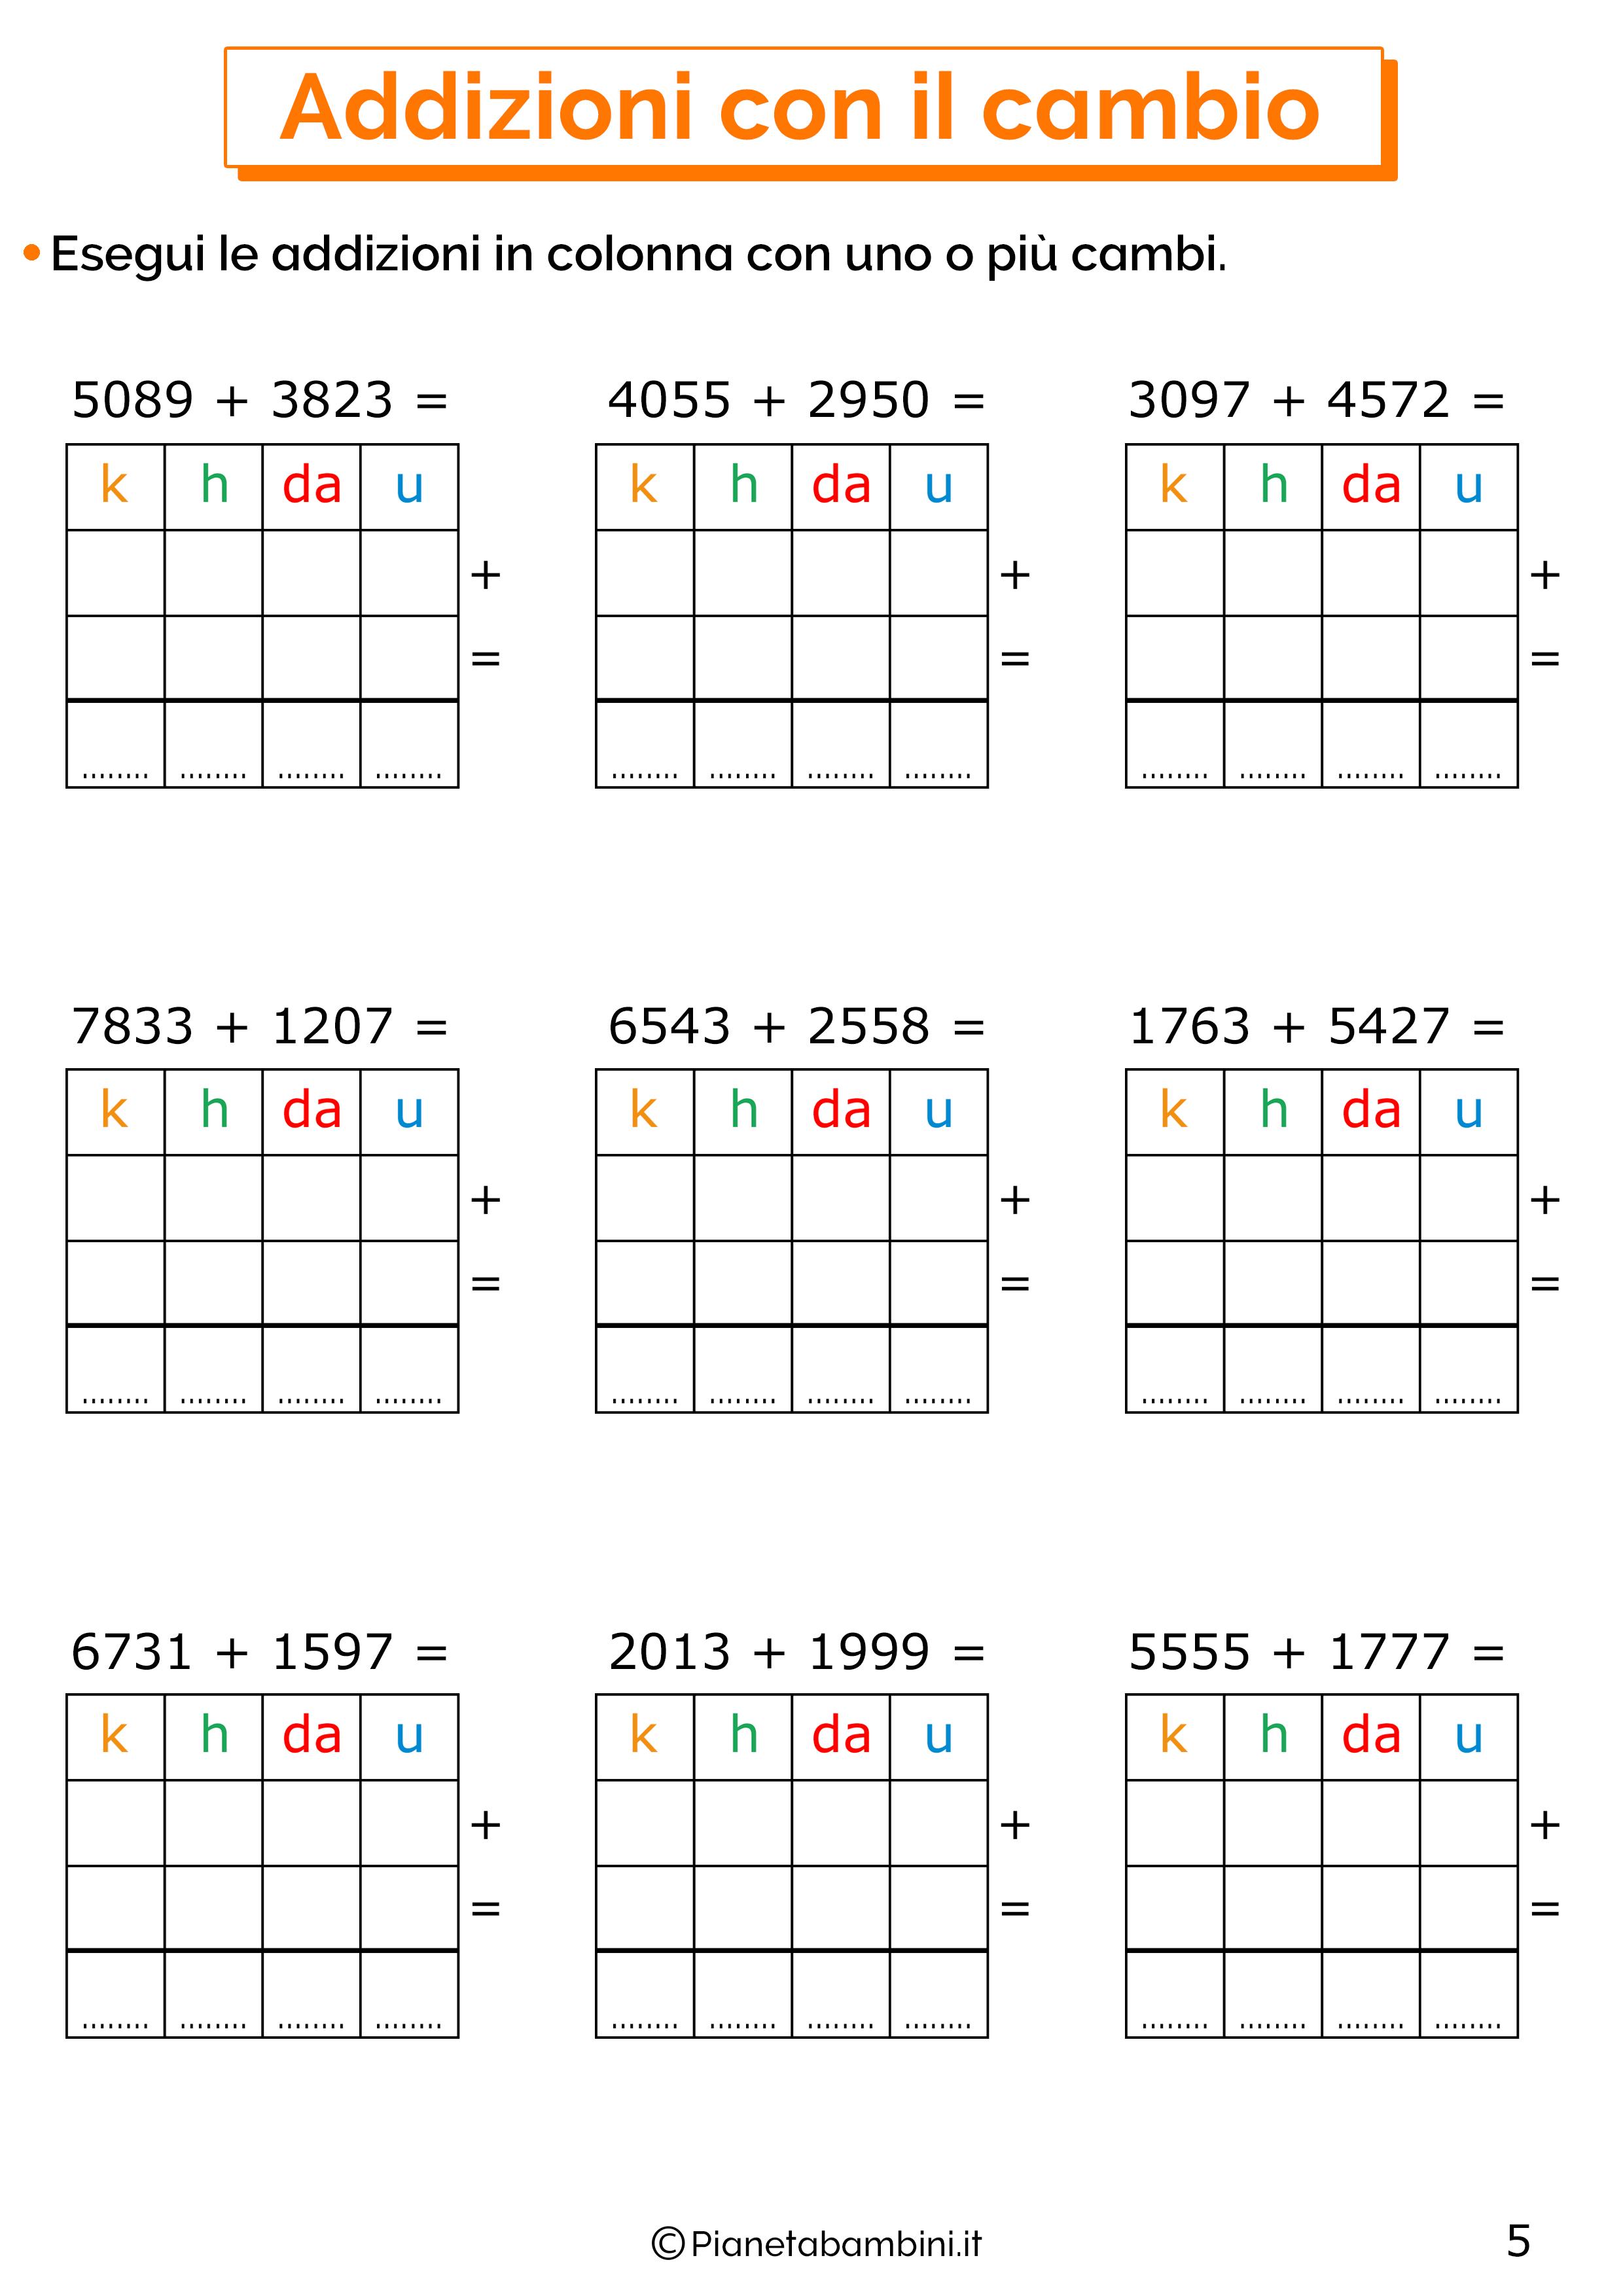 Addizioni in colonna con il cambio a quattro cifre per la classe terza 5